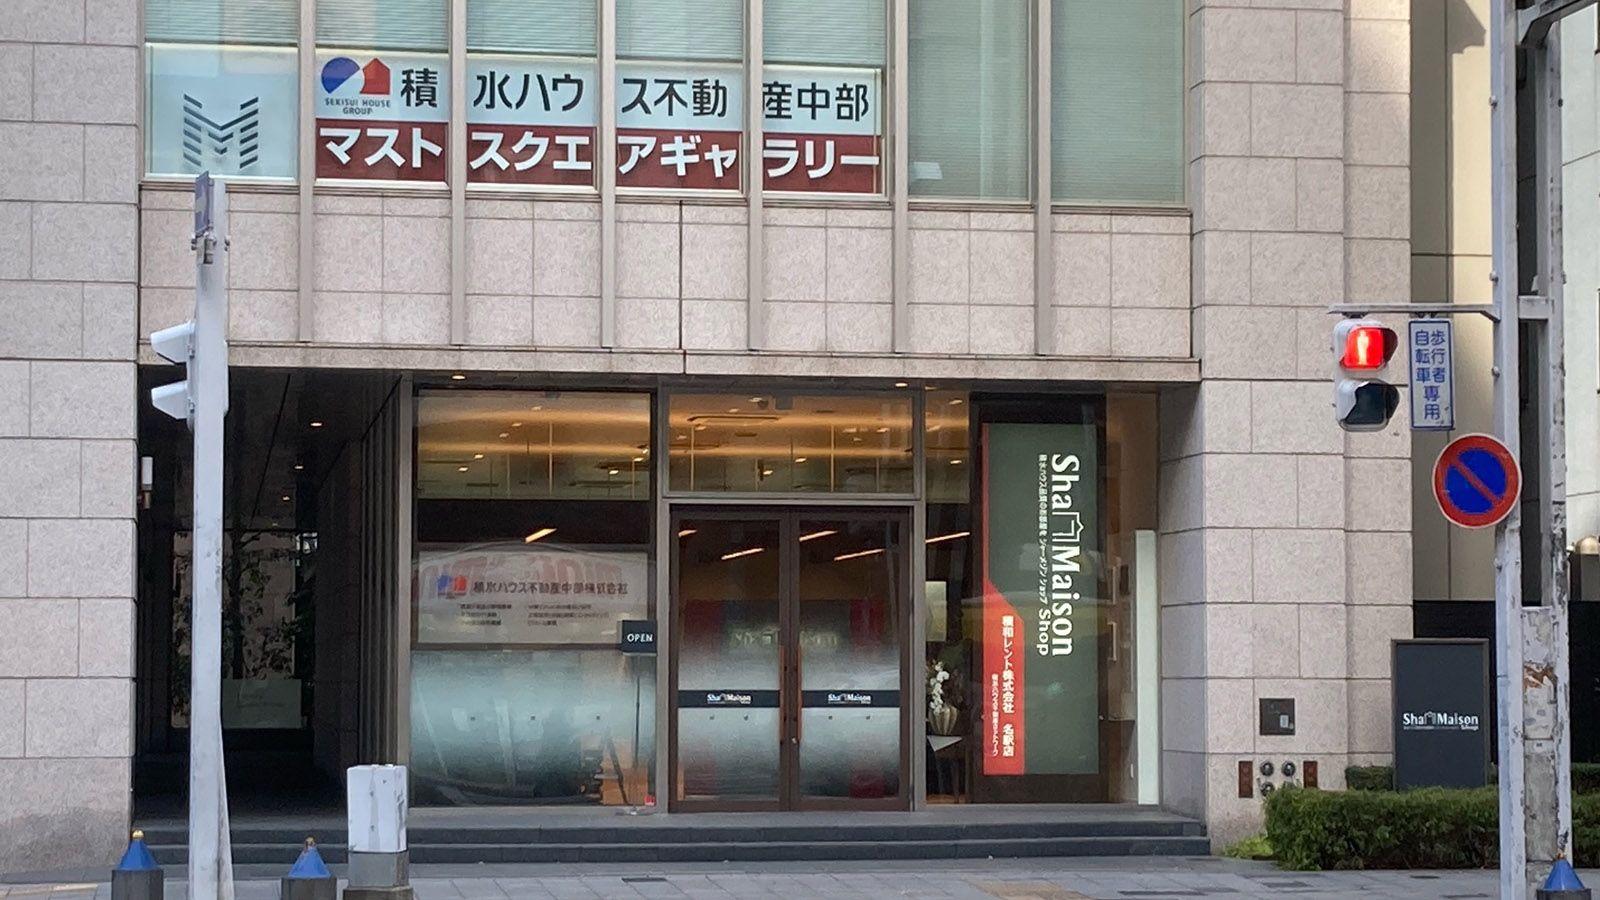 積水 ハウス 不動産 東京